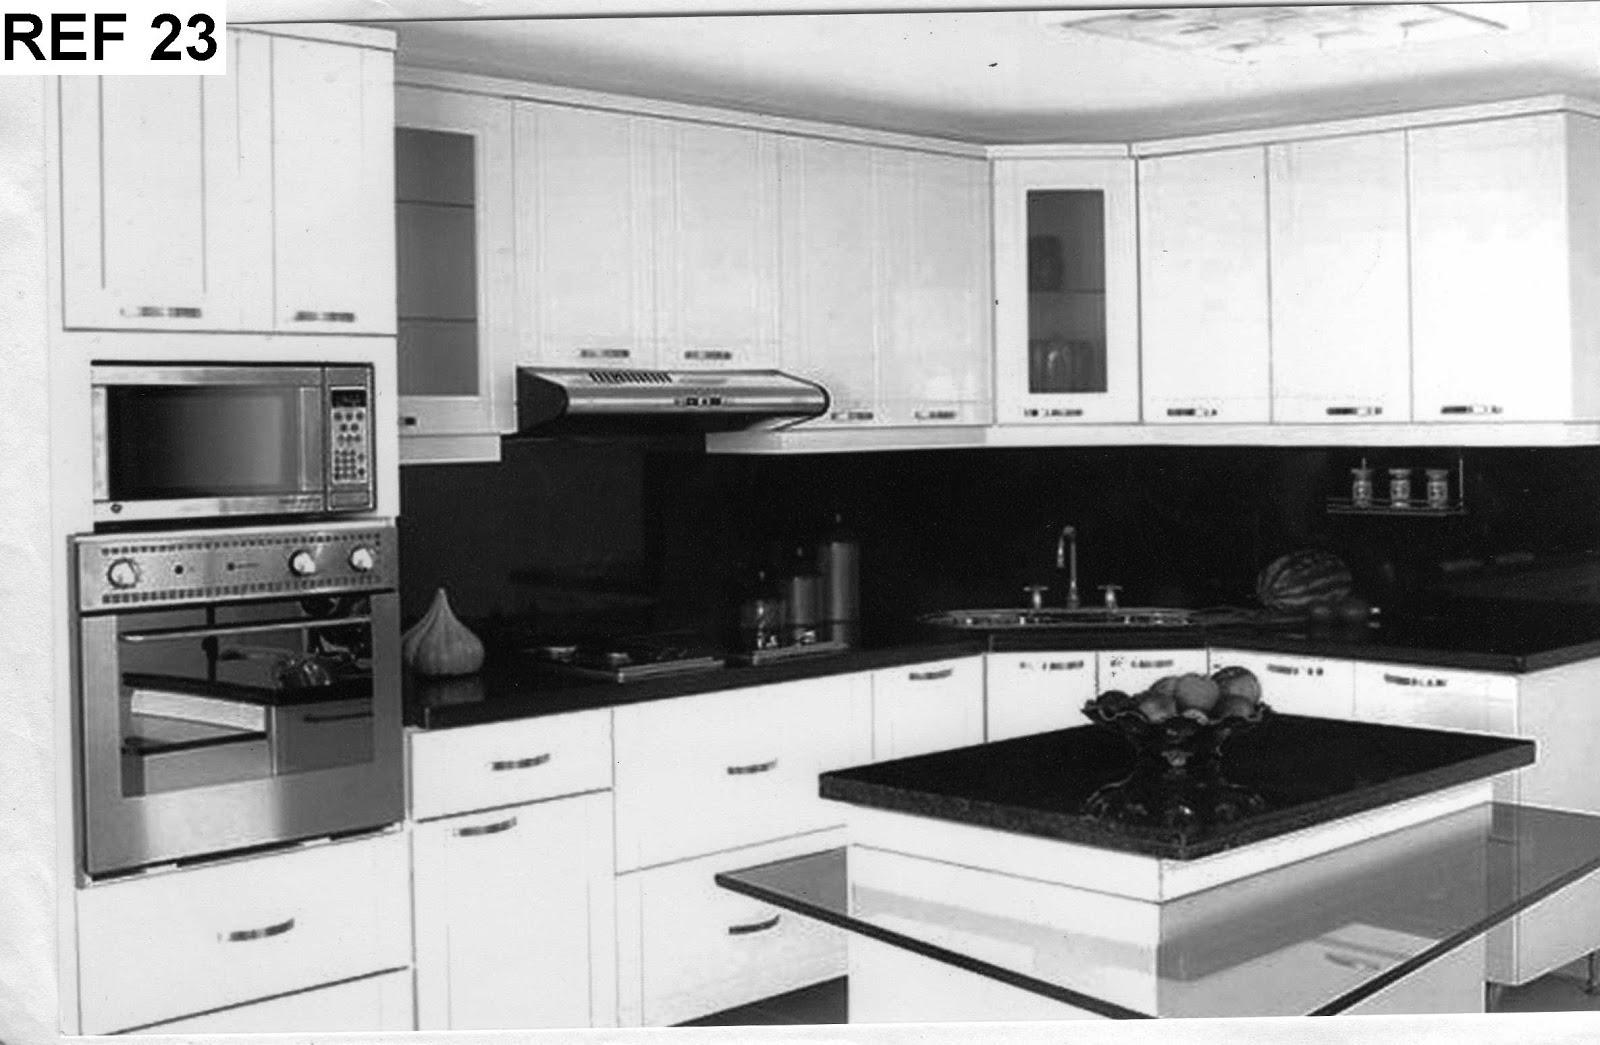 Remodela tu casa cocinas integrales y todo para tu hogar for Remodela tu casa tu mismo